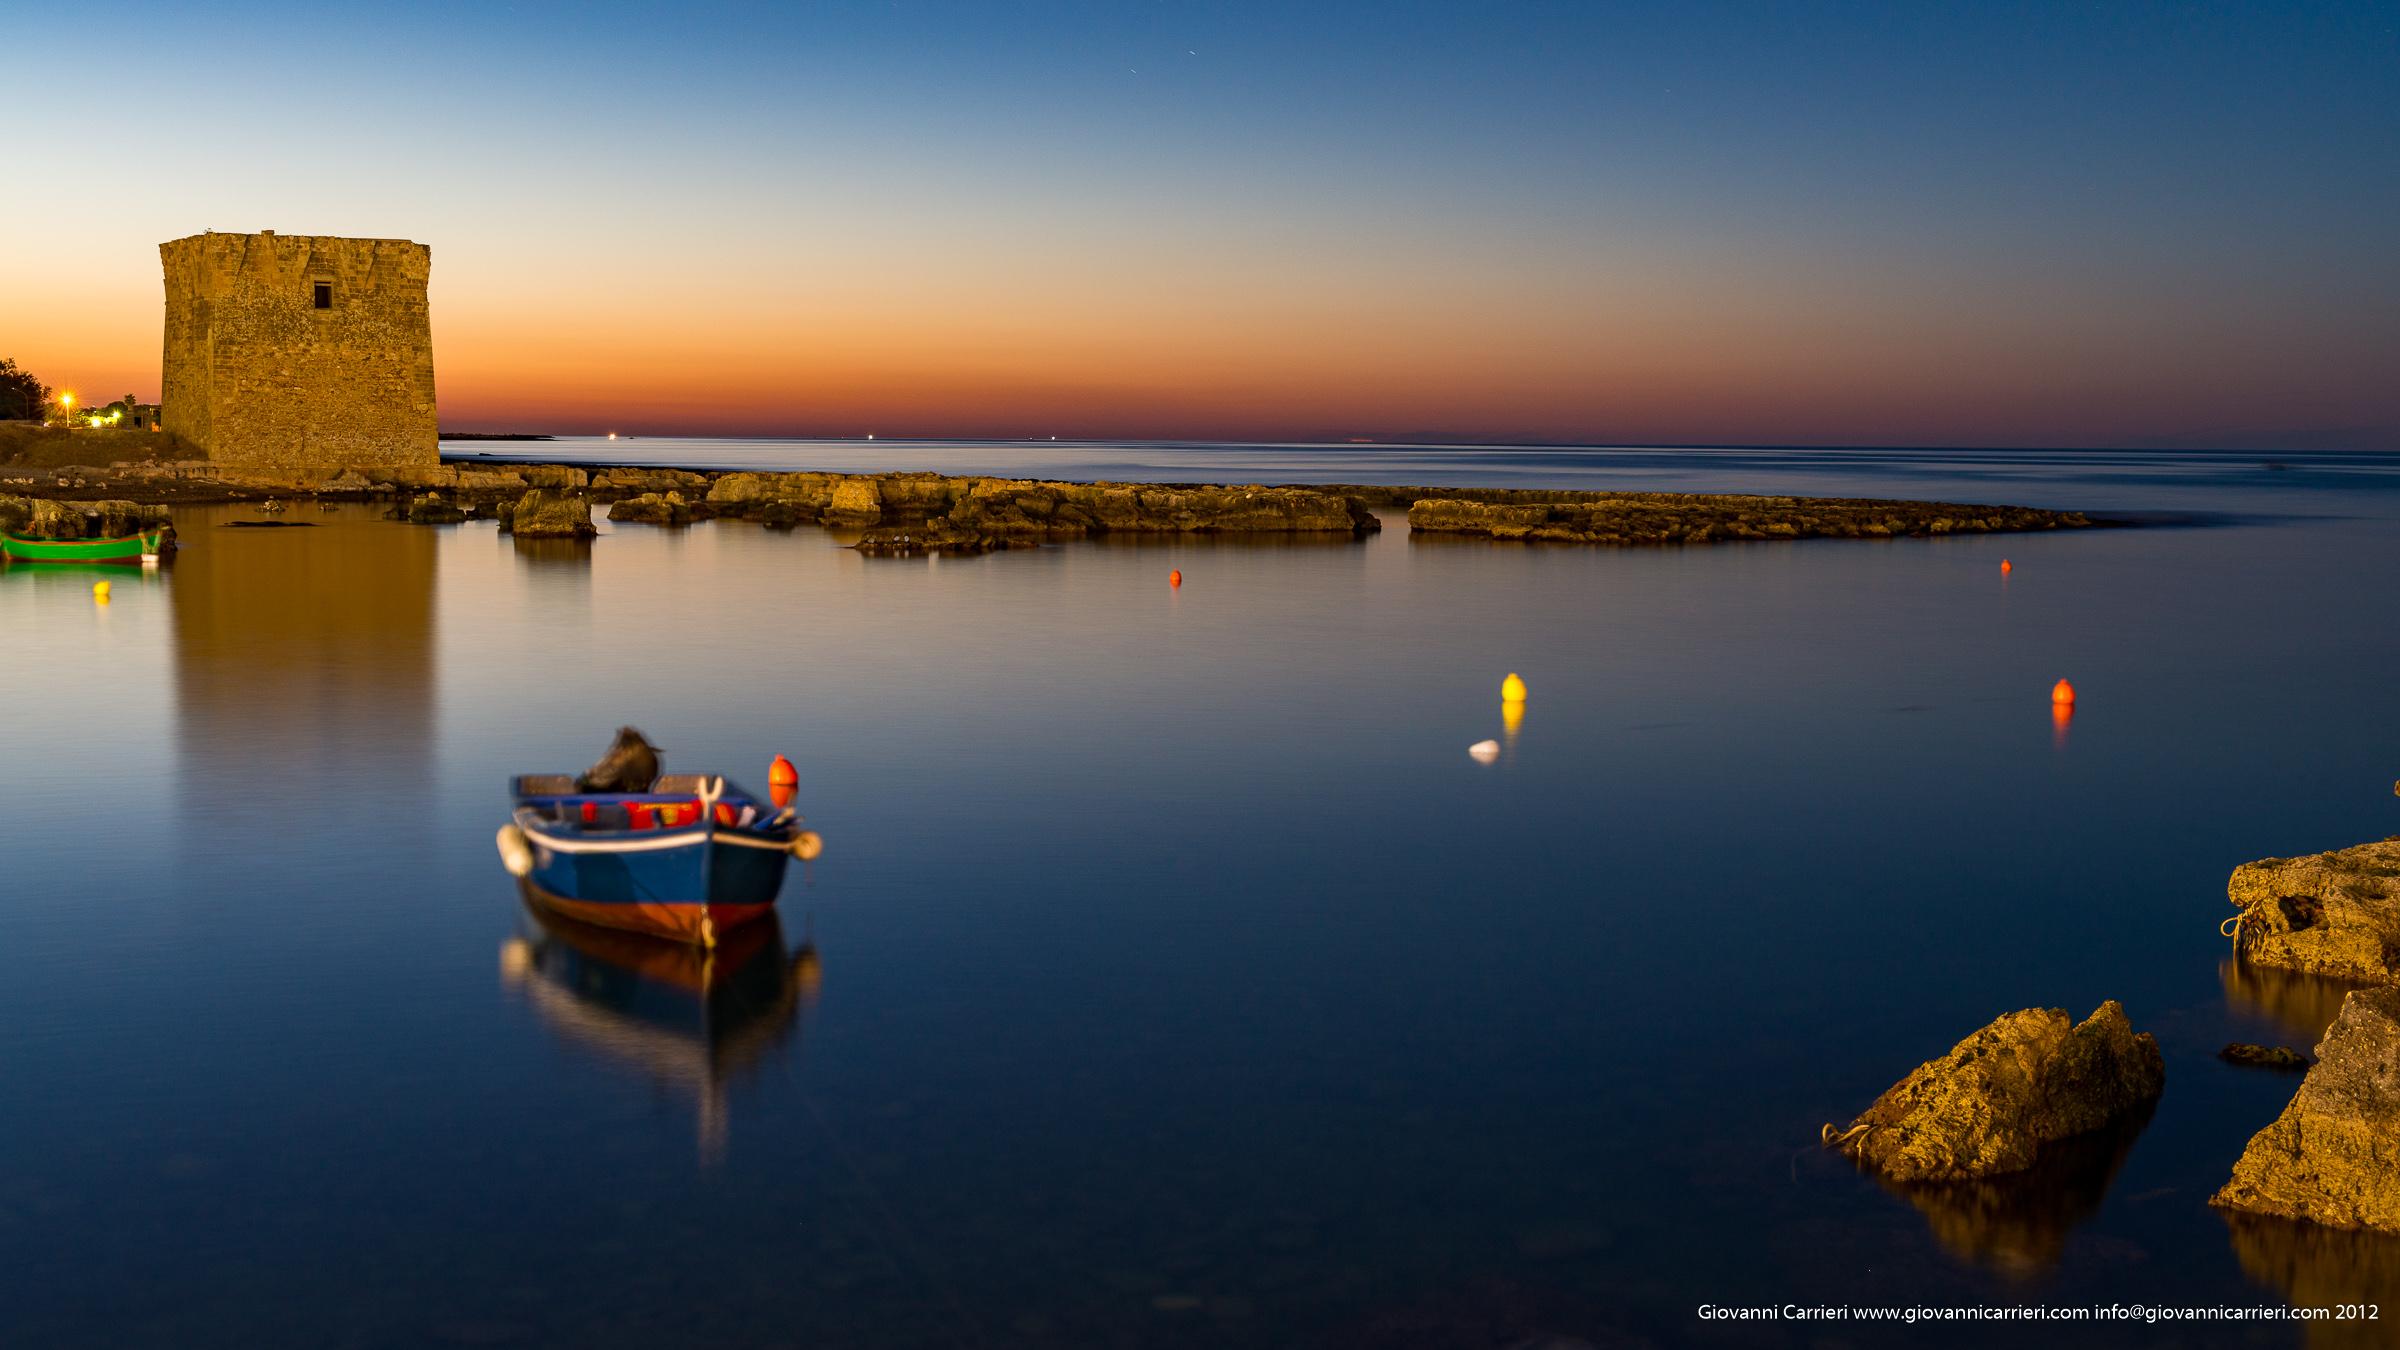 Il tramonto di San Vito, frazione di Polignano a Mare